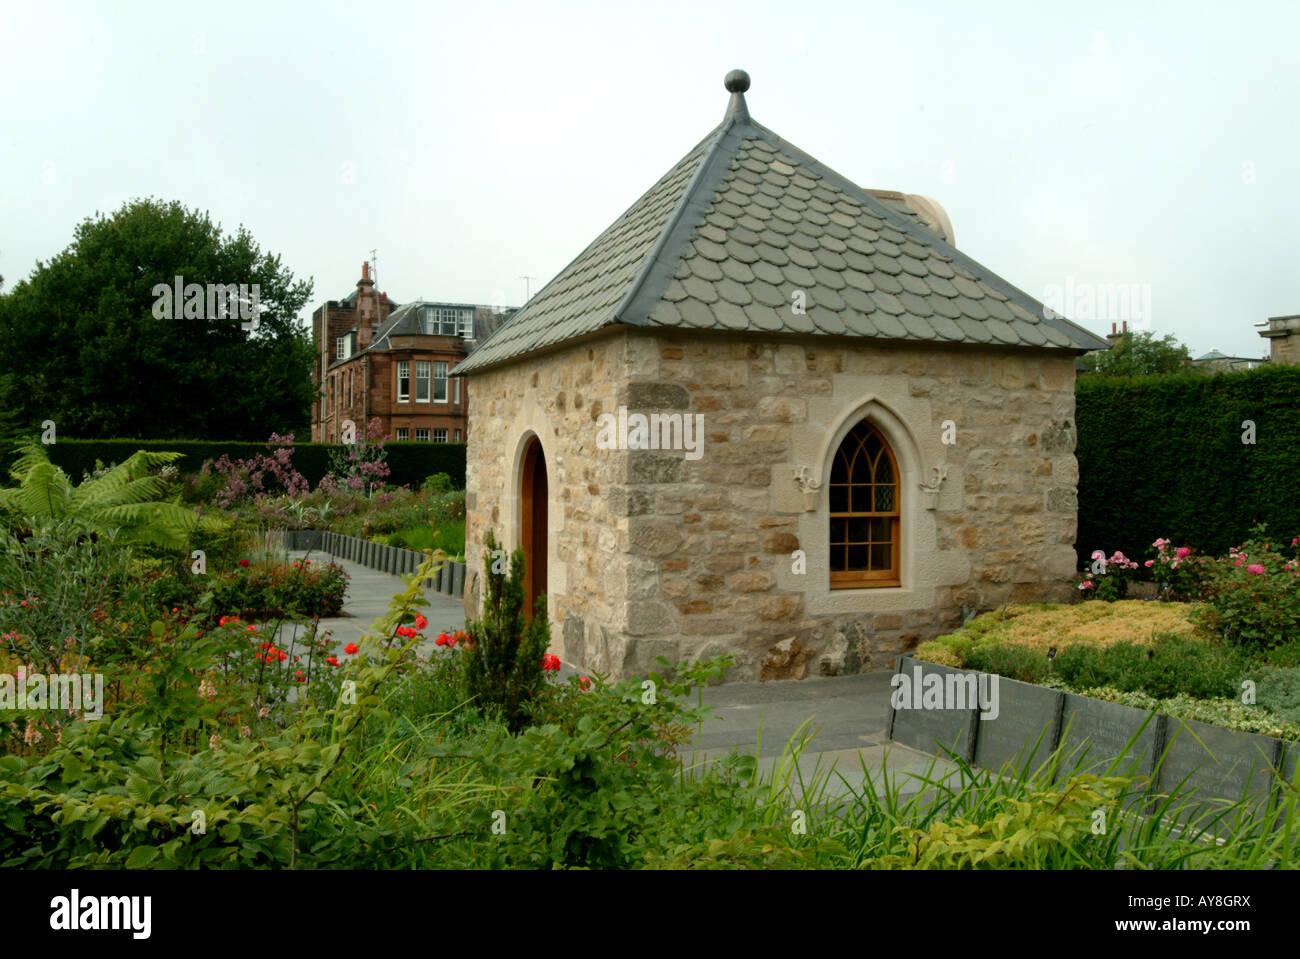 Pavillion Queen Mother's garden Royal Botanic Gardens Edinburgh opened July 7 2006 - Stock Image